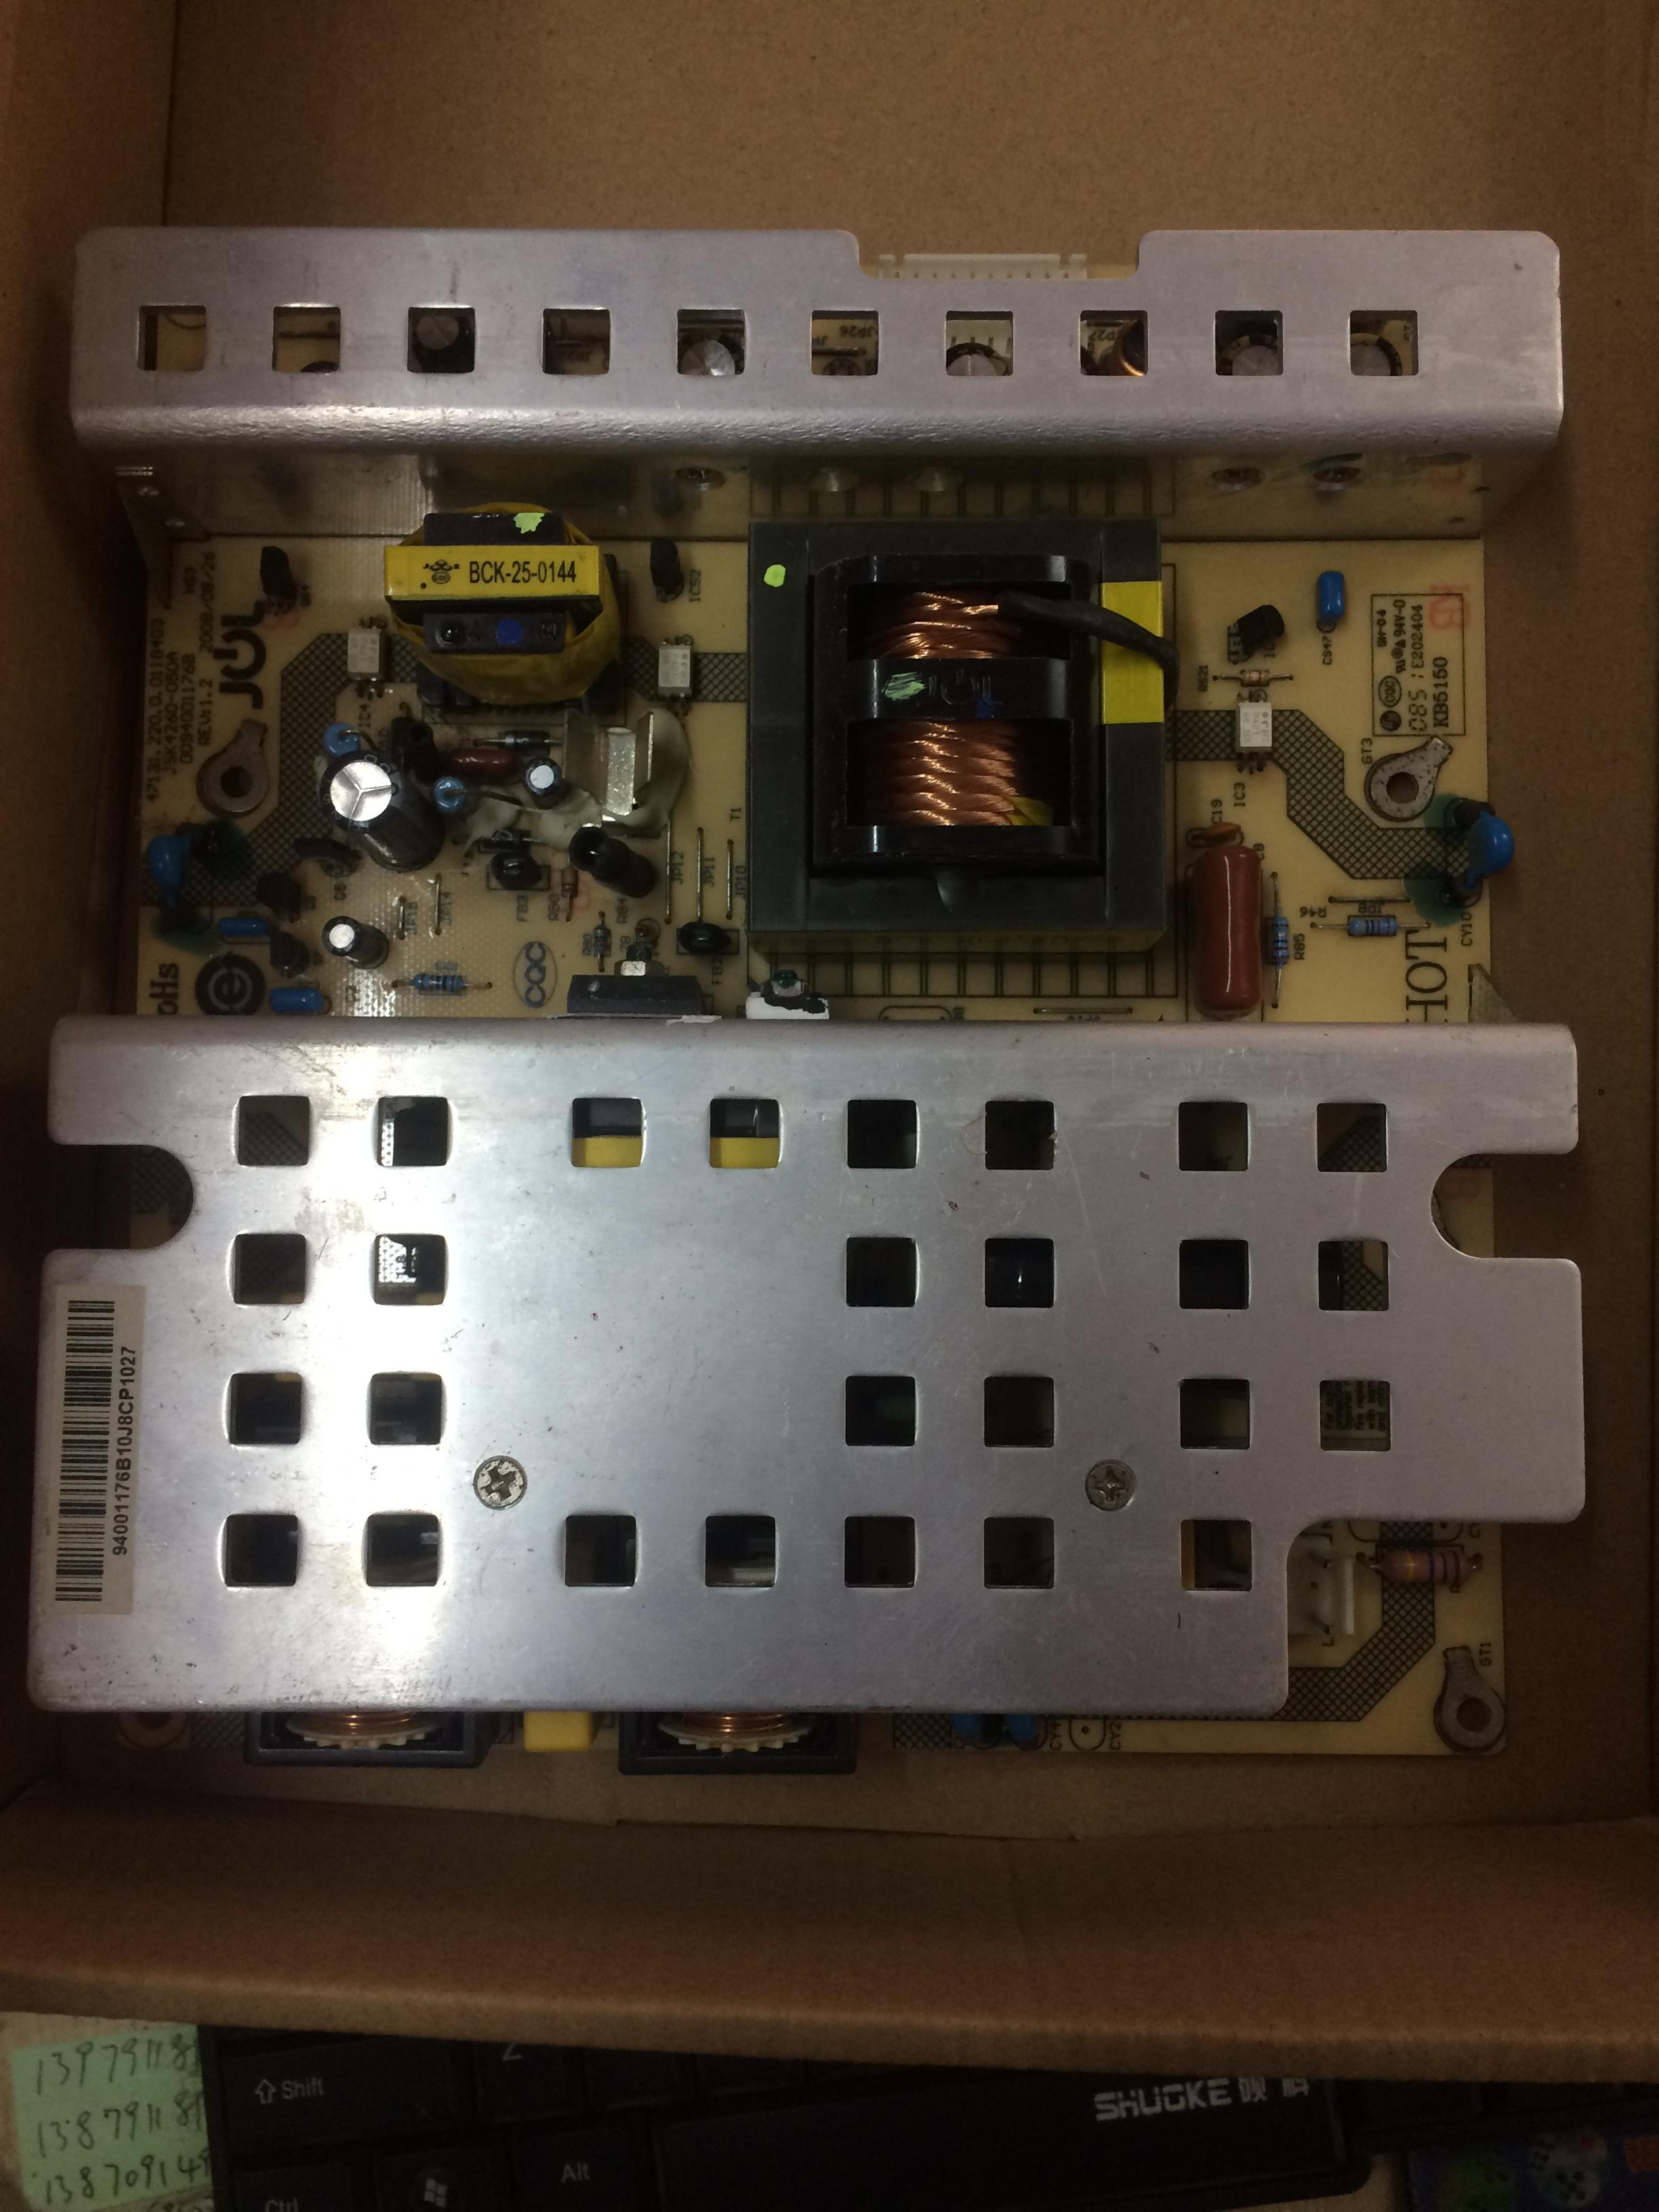 Haier LP42K342 télévision à affichage à cristaux liquides d'une carte d'alimentation JSK4260-050A0094001176B